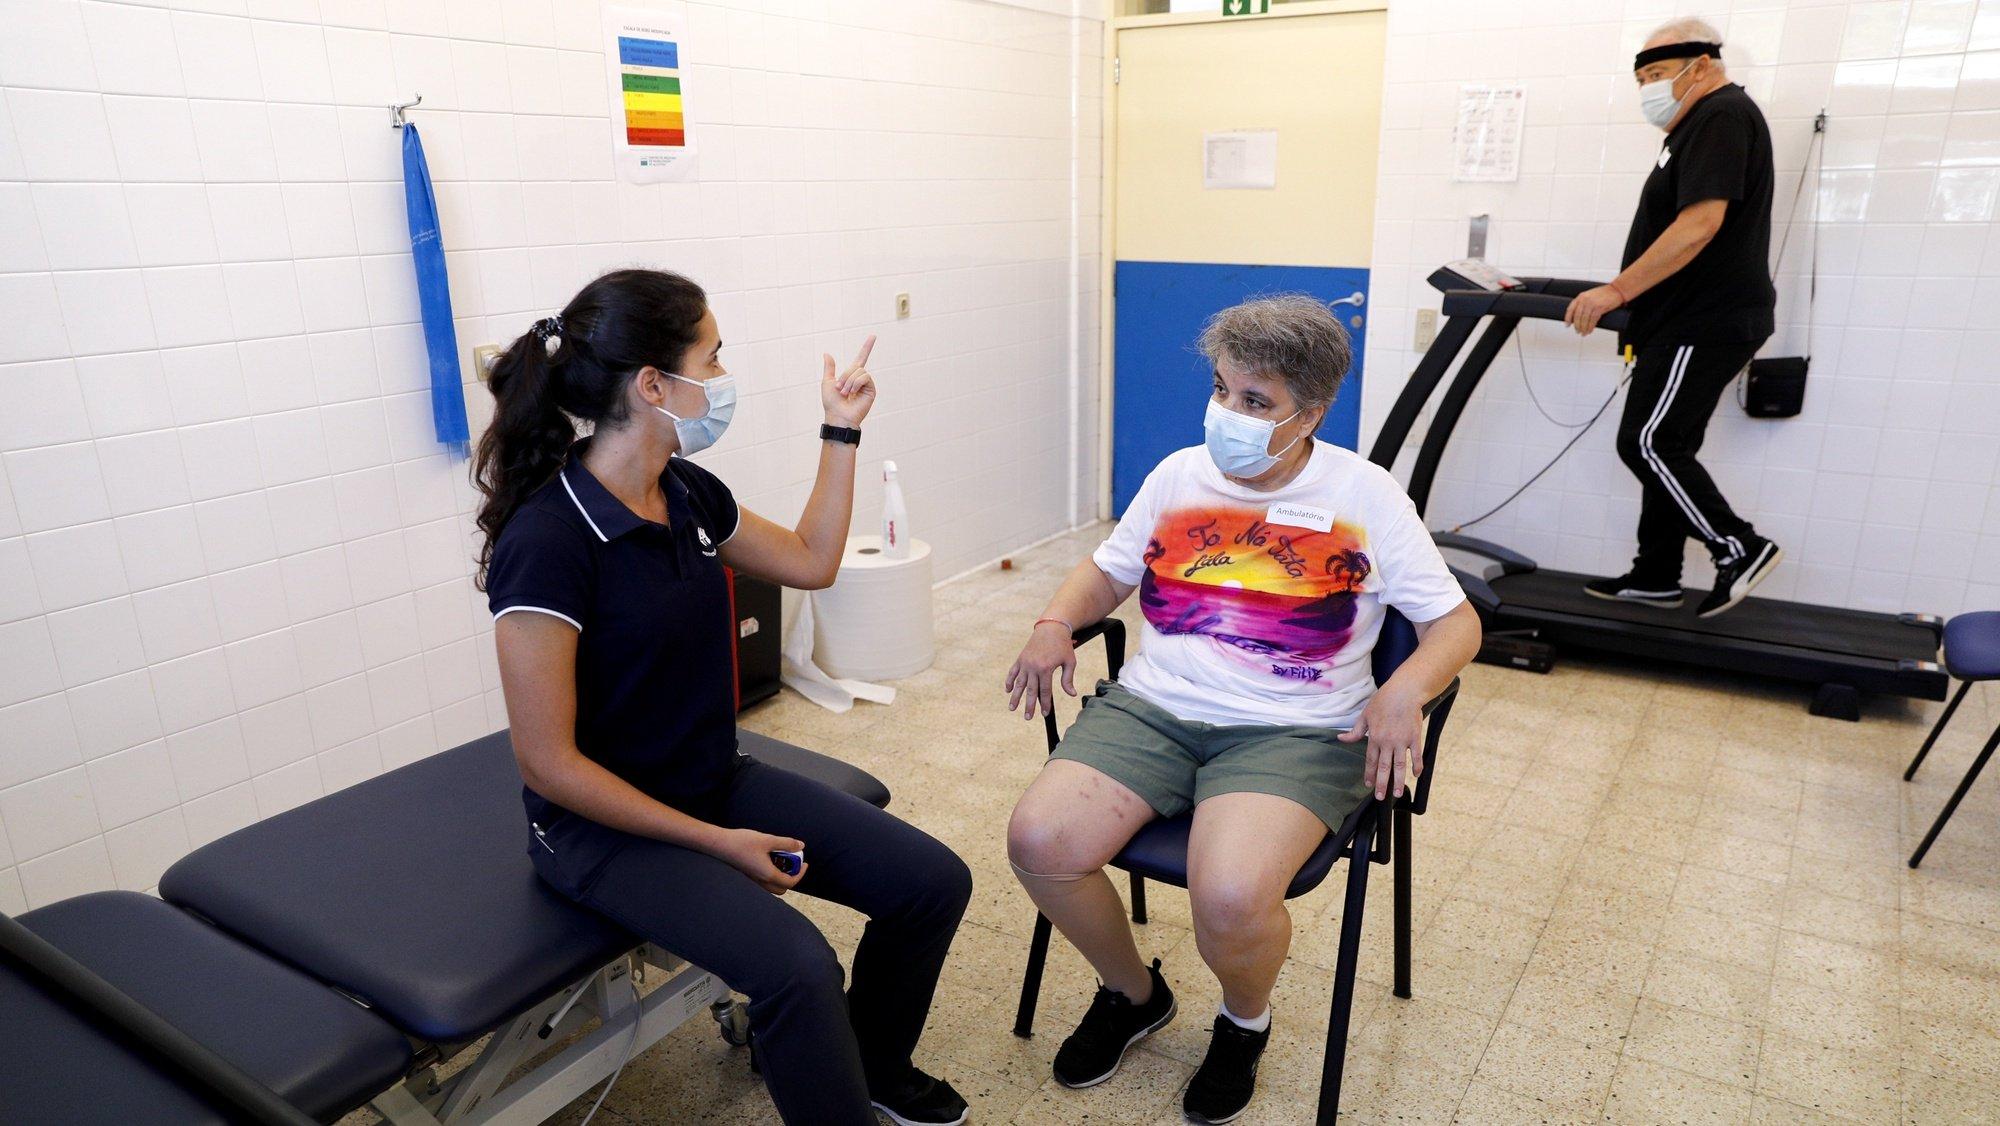 A fisioterapeuta, Bárbara Duarte (E), é a responsável  pela recuperação de doentes de covid-19, no Centro de Recuperação de Alcoitão, em Cascais, 06 de outubro de 2021. (ACOMPANHA TEXTO DE 10 DE OUTUBRO DE 2021). ANTÓNIO COTRIM/LUSA